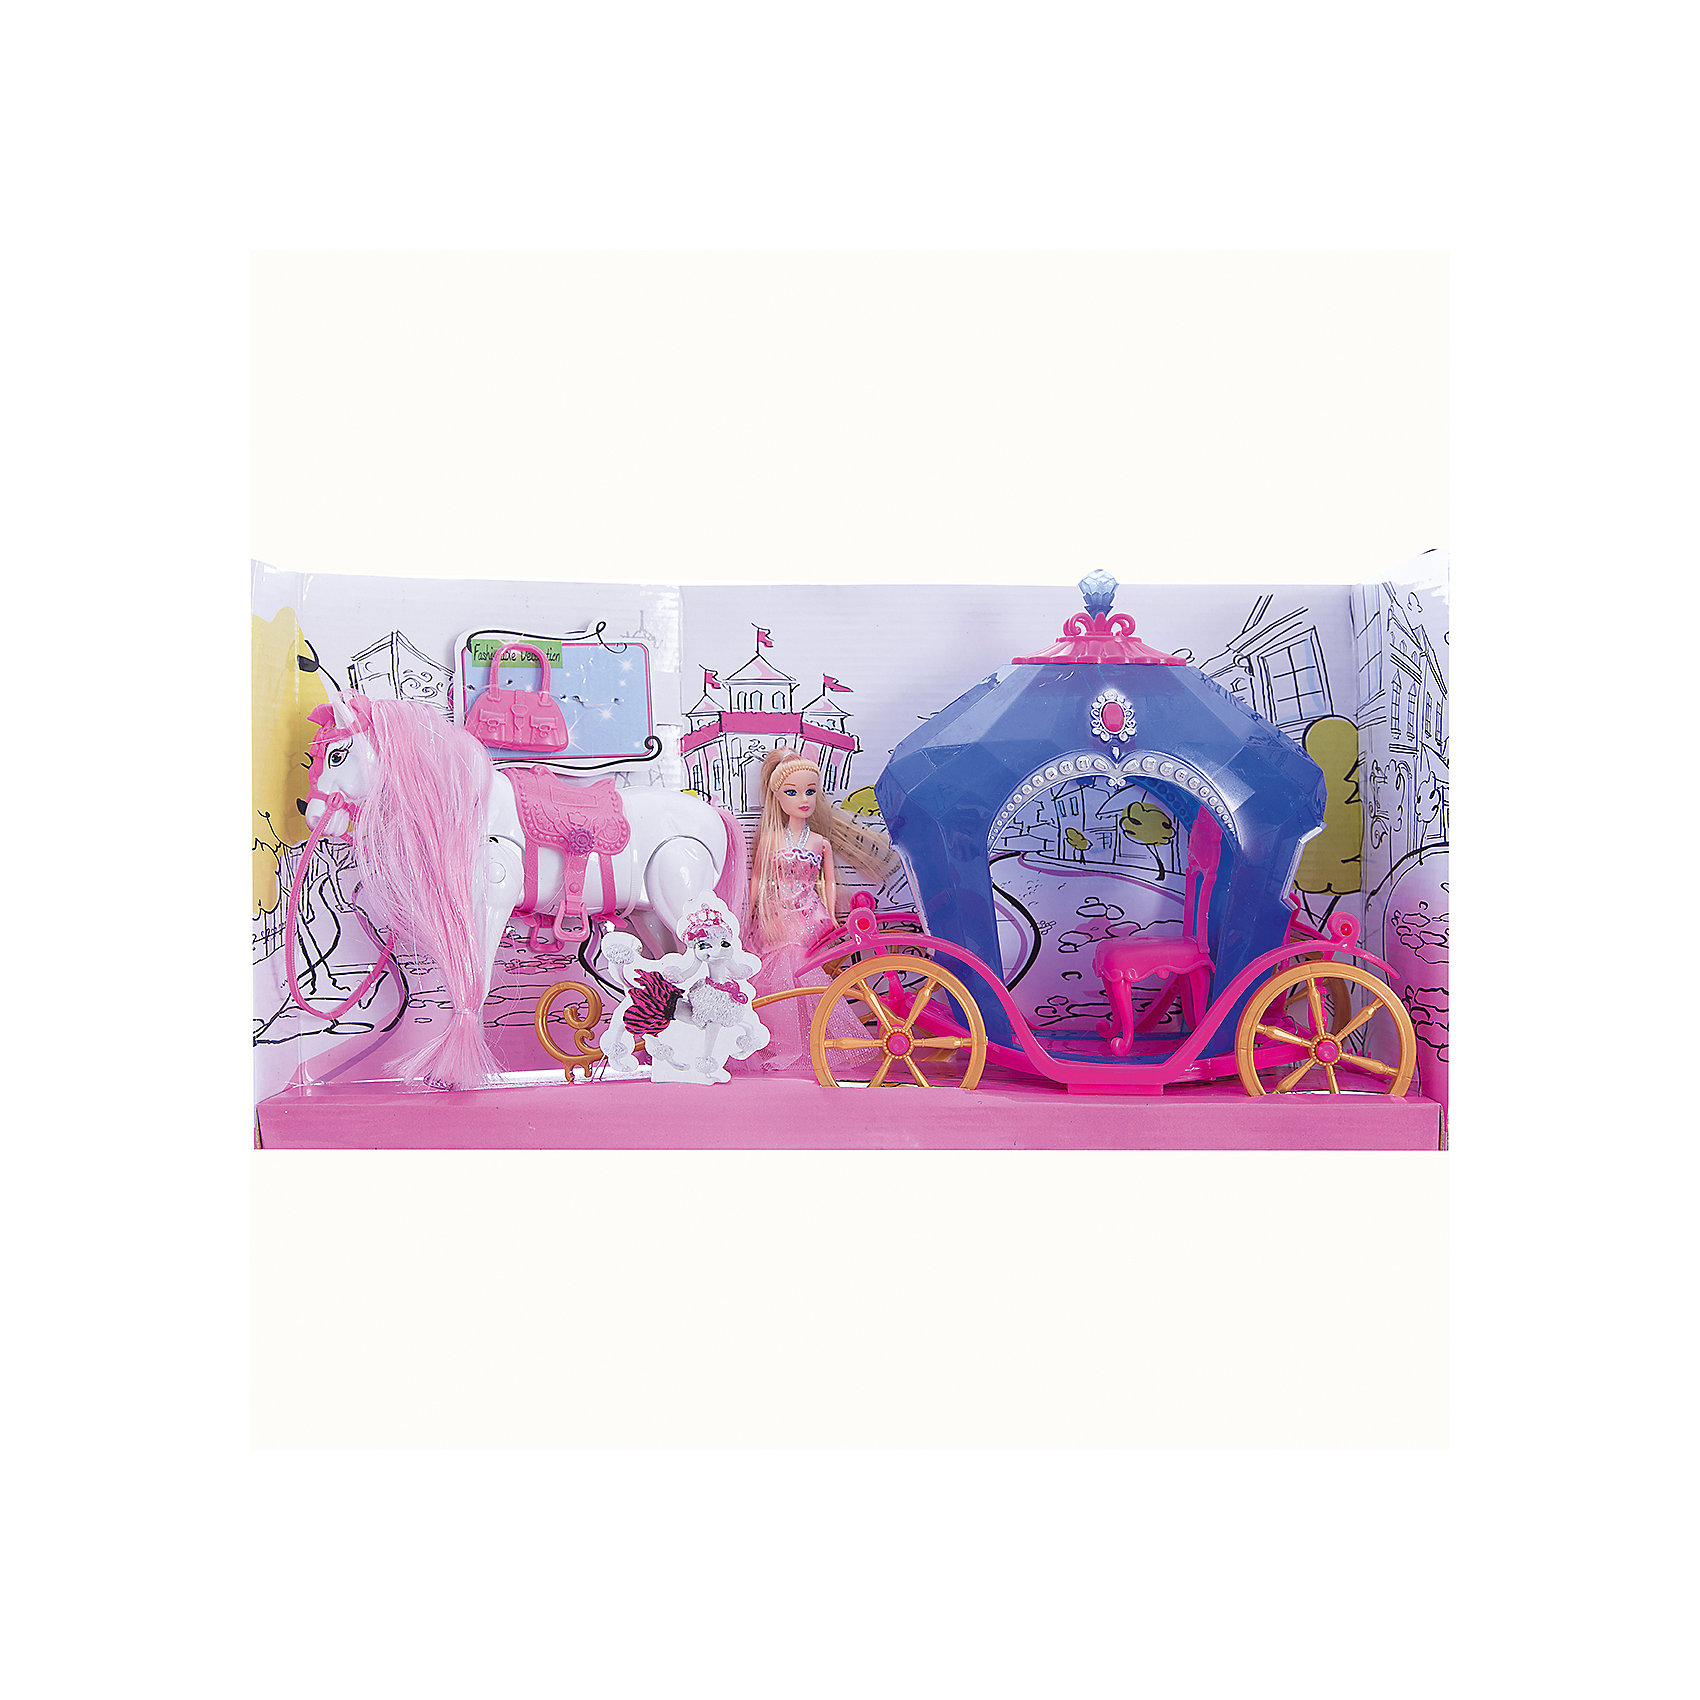 Карета с куклой и лошадью, со светом и звуком, Shantou GepaiИгрушки с каждым годом становятся все интереснее и интереснее, так как новые технологии уверенно пробираются в детские комнаты. Световые игрушки привлекают внимание малышей с первой игры. Звуковые эффекты сделают игру веселой и необычной. Интерактивная игрушка окажется прекрасным подарком для всех детей. Яркие цвета, приятные мелодии и комфортный на ощупь материал сделают модель любимой игрушкой. Материалы, использованные при изготовлении товара, абсолютно безопасны и отвечают всем международным требованиям по качеству.<br><br>Дополнительные характеристики:<br><br>материал: пластик, ПВХ;<br>габариты: 49 X 12 X 25 см.<br><br>Карету с куклой и лошадью, со светом и звуком от компании Shantou Gepai можно приобрести в нашем магазине.<br><br>Ширина мм: 490<br>Глубина мм: 250<br>Высота мм: 120<br>Вес г: 890<br>Возраст от месяцев: 36<br>Возраст до месяцев: 96<br>Пол: Женский<br>Возраст: Детский<br>SKU: 5032520